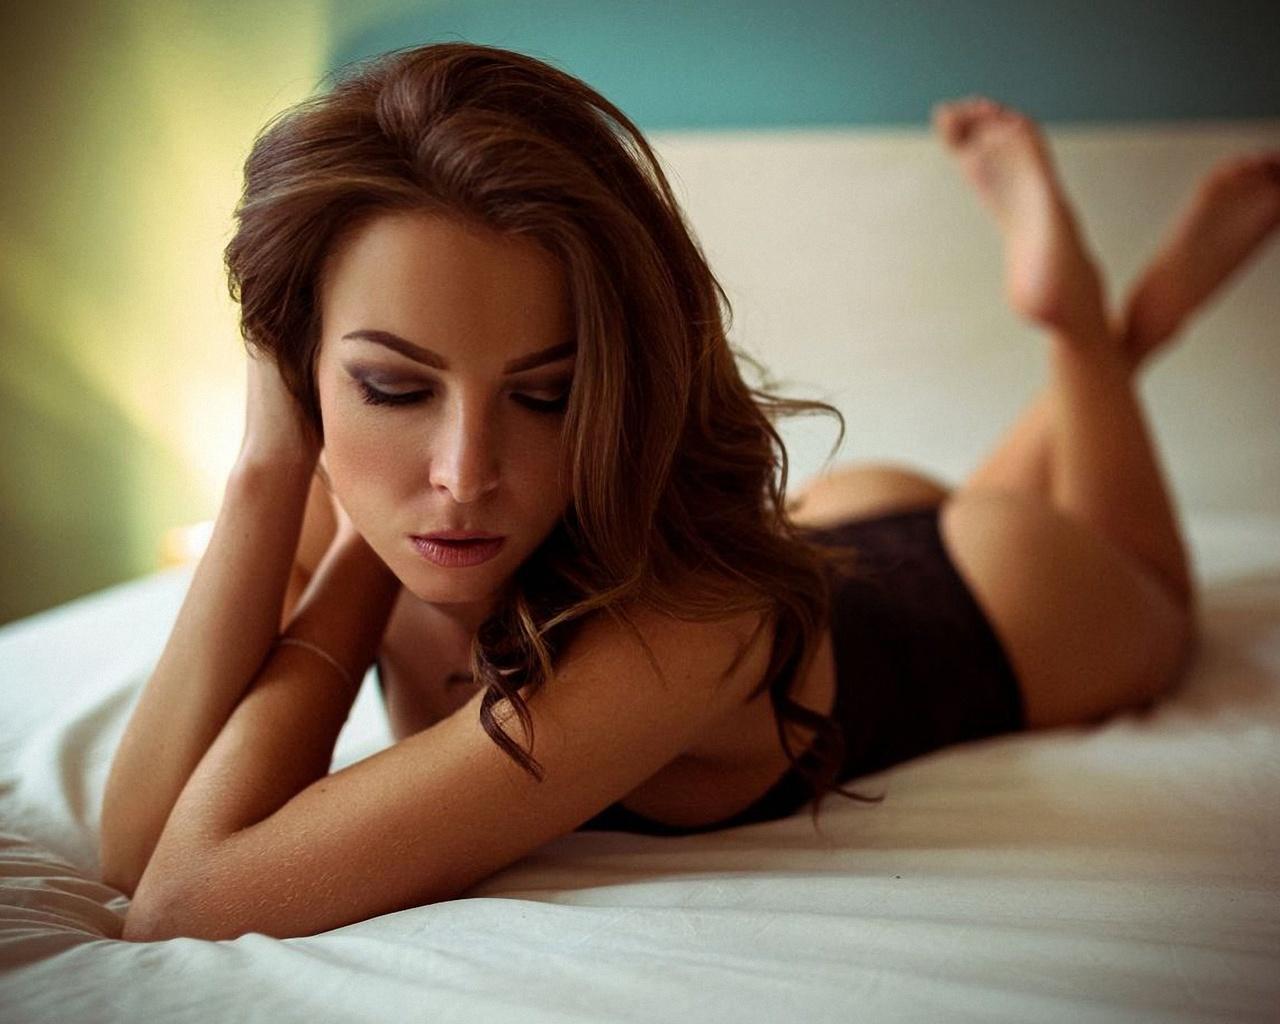 девушка, модель, позирует, chris kucil